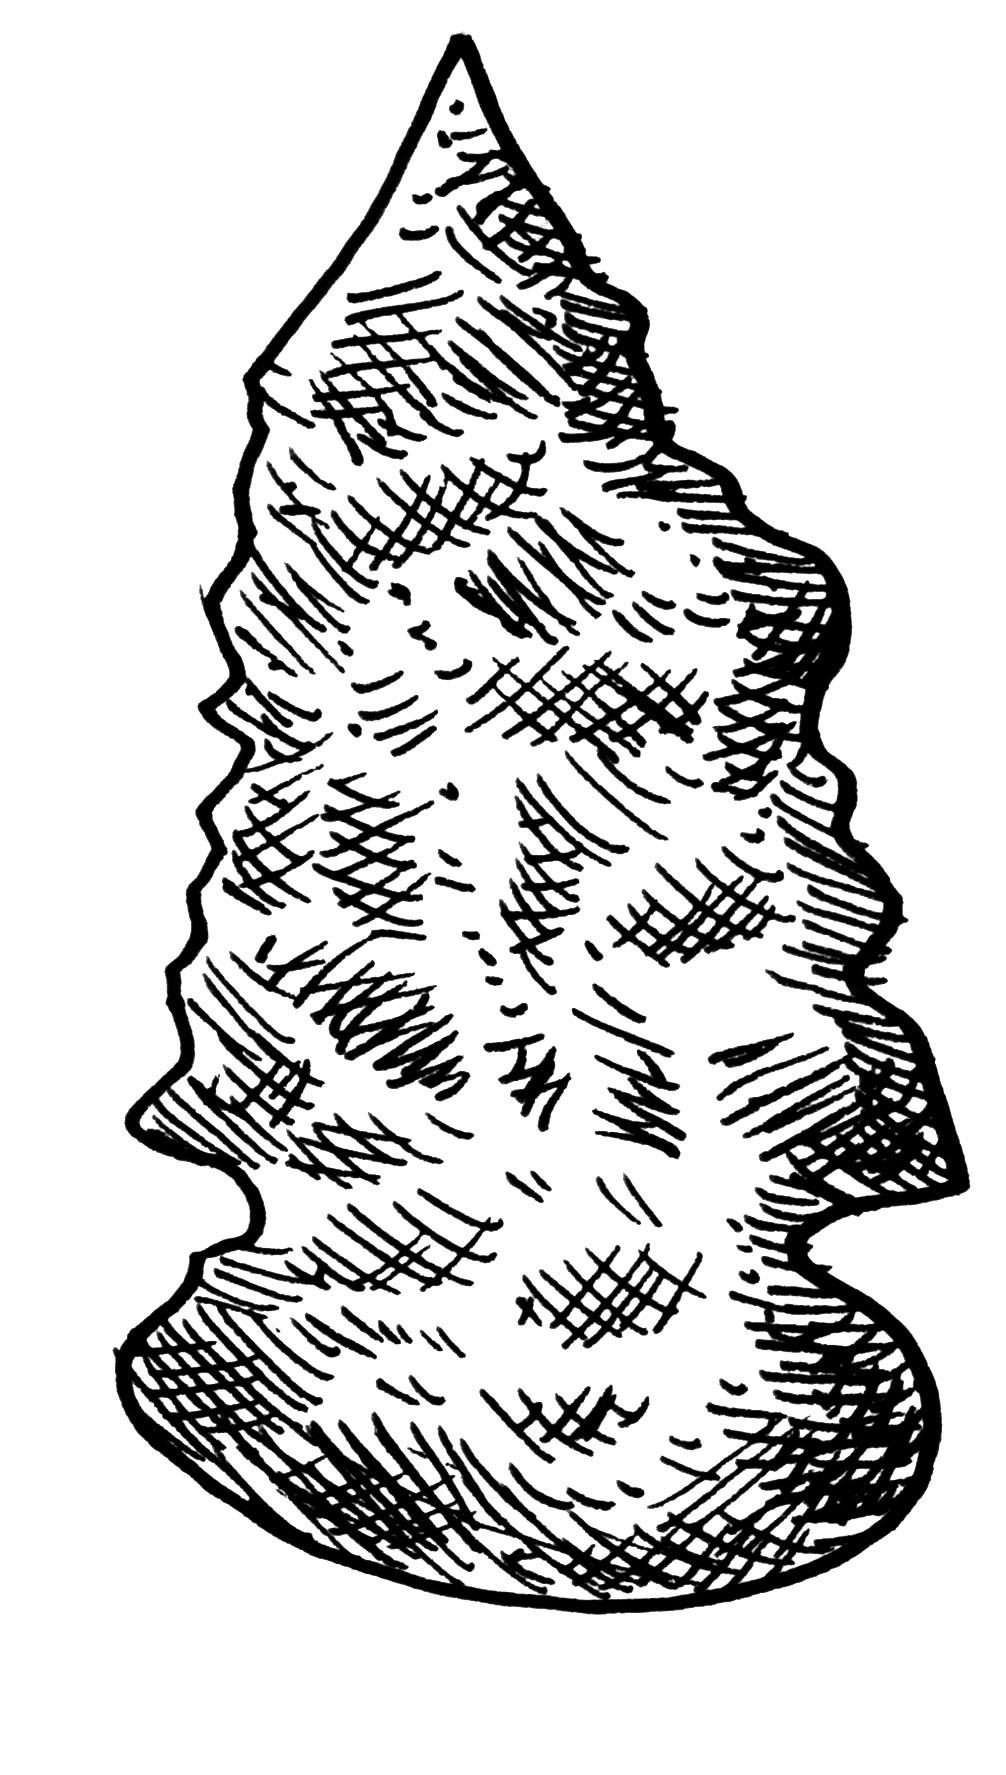 arrowheads 8.jpg